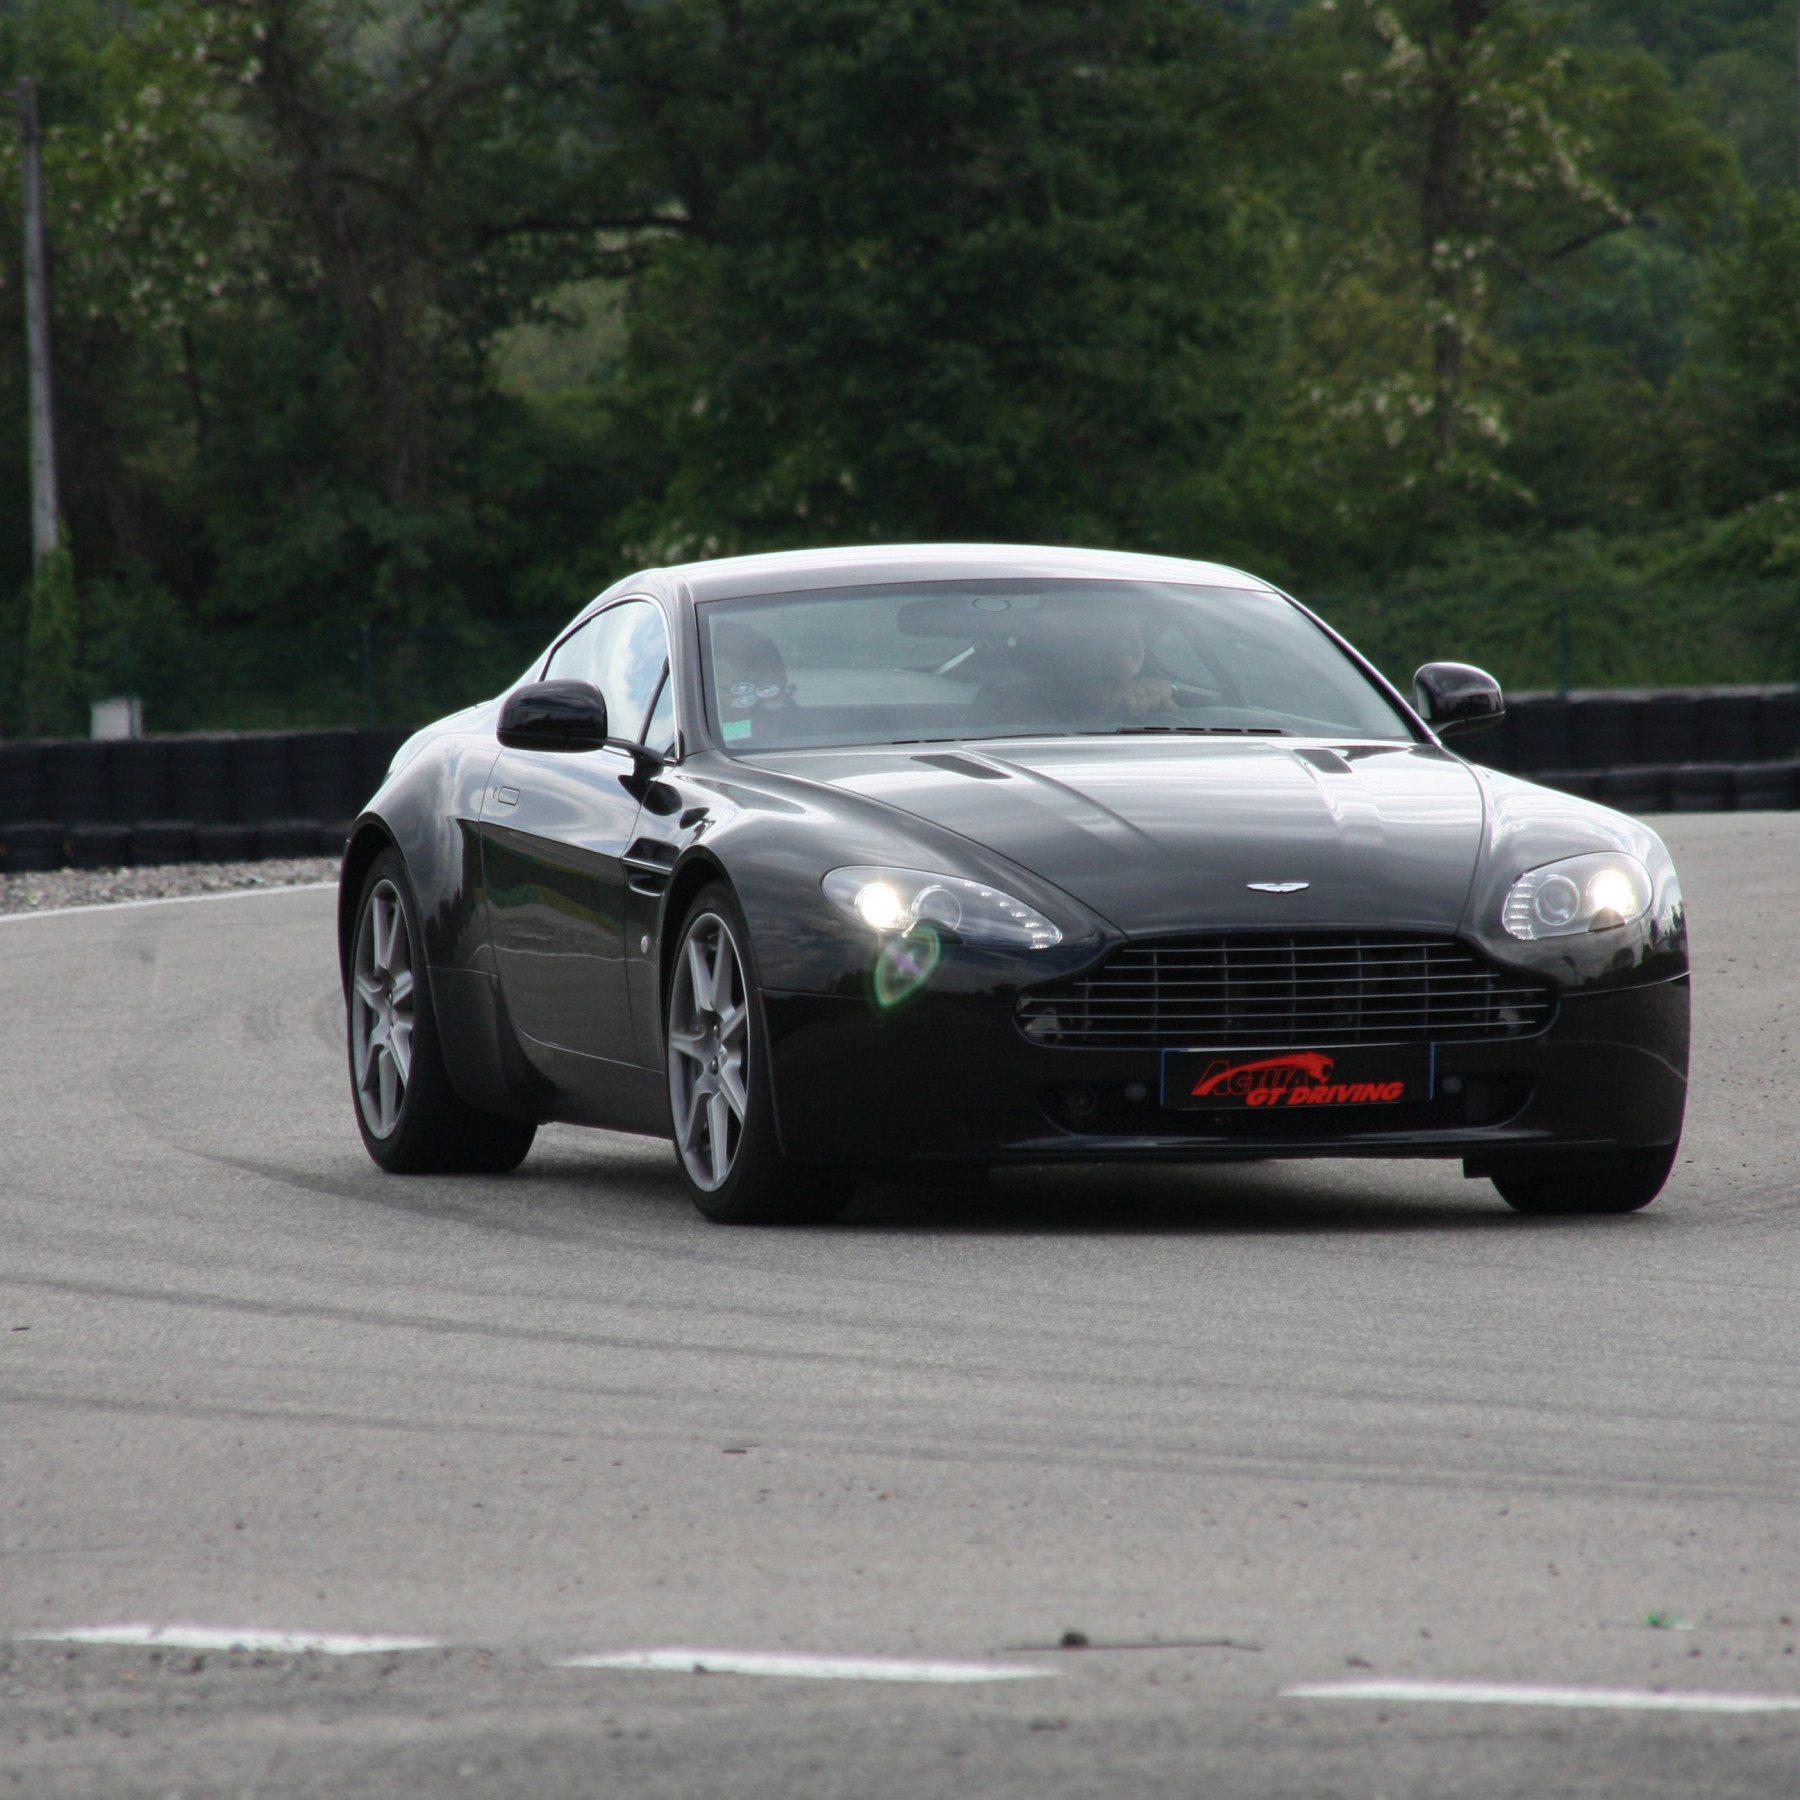 Guida una Aston Martin da 149 € - Autodromo di Varano